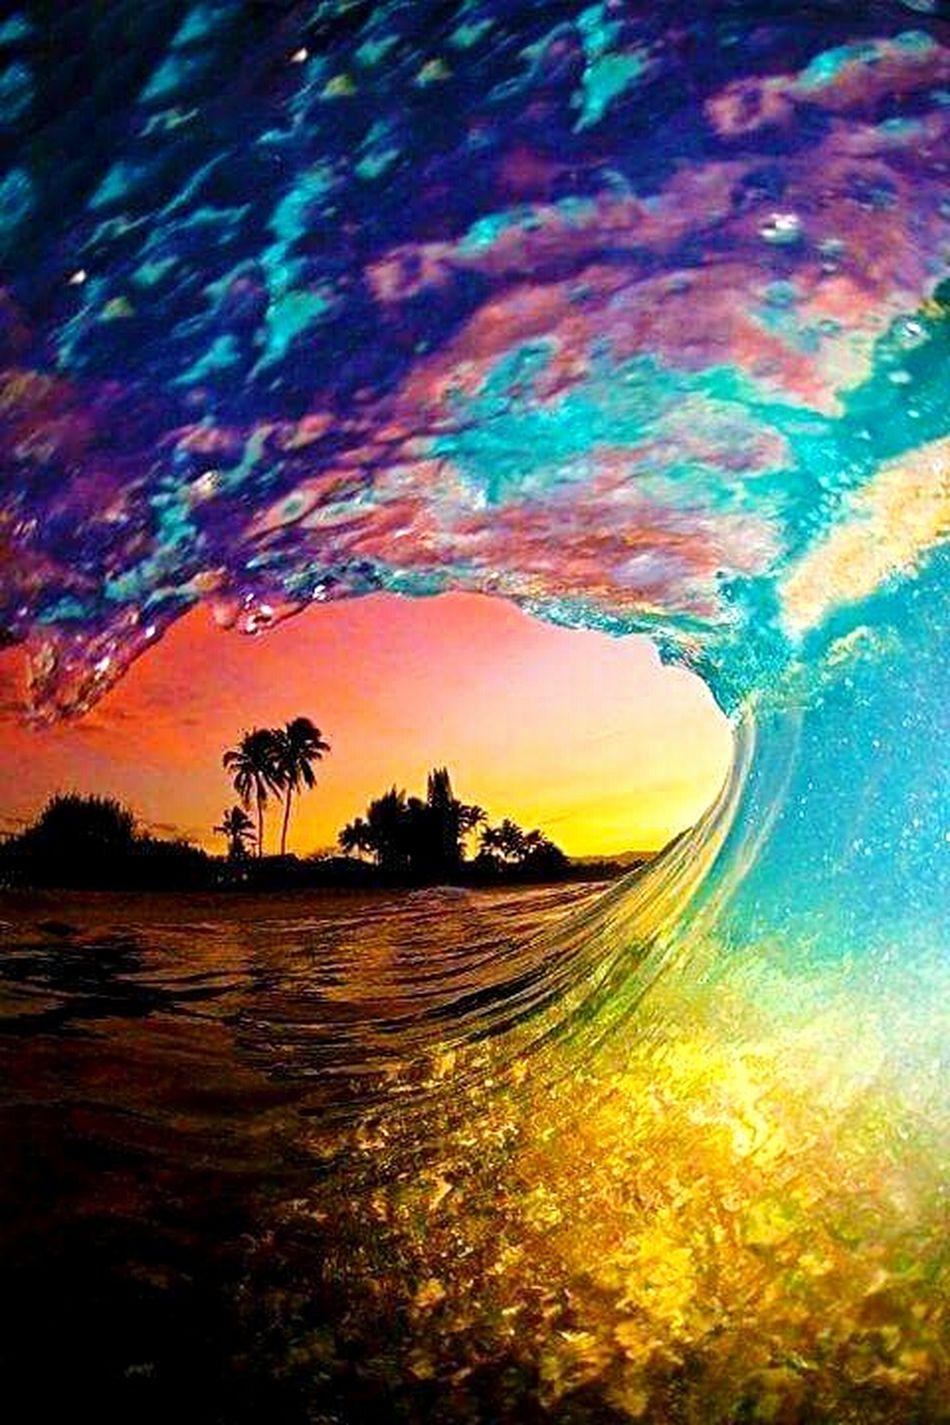 Gundogumu Deniz Güneş♡♥♡ Sea Sun ☀ Sunrise Anı Yakala EyeEm Best Shots - Nature Popular Photos EyeEm Best Shots